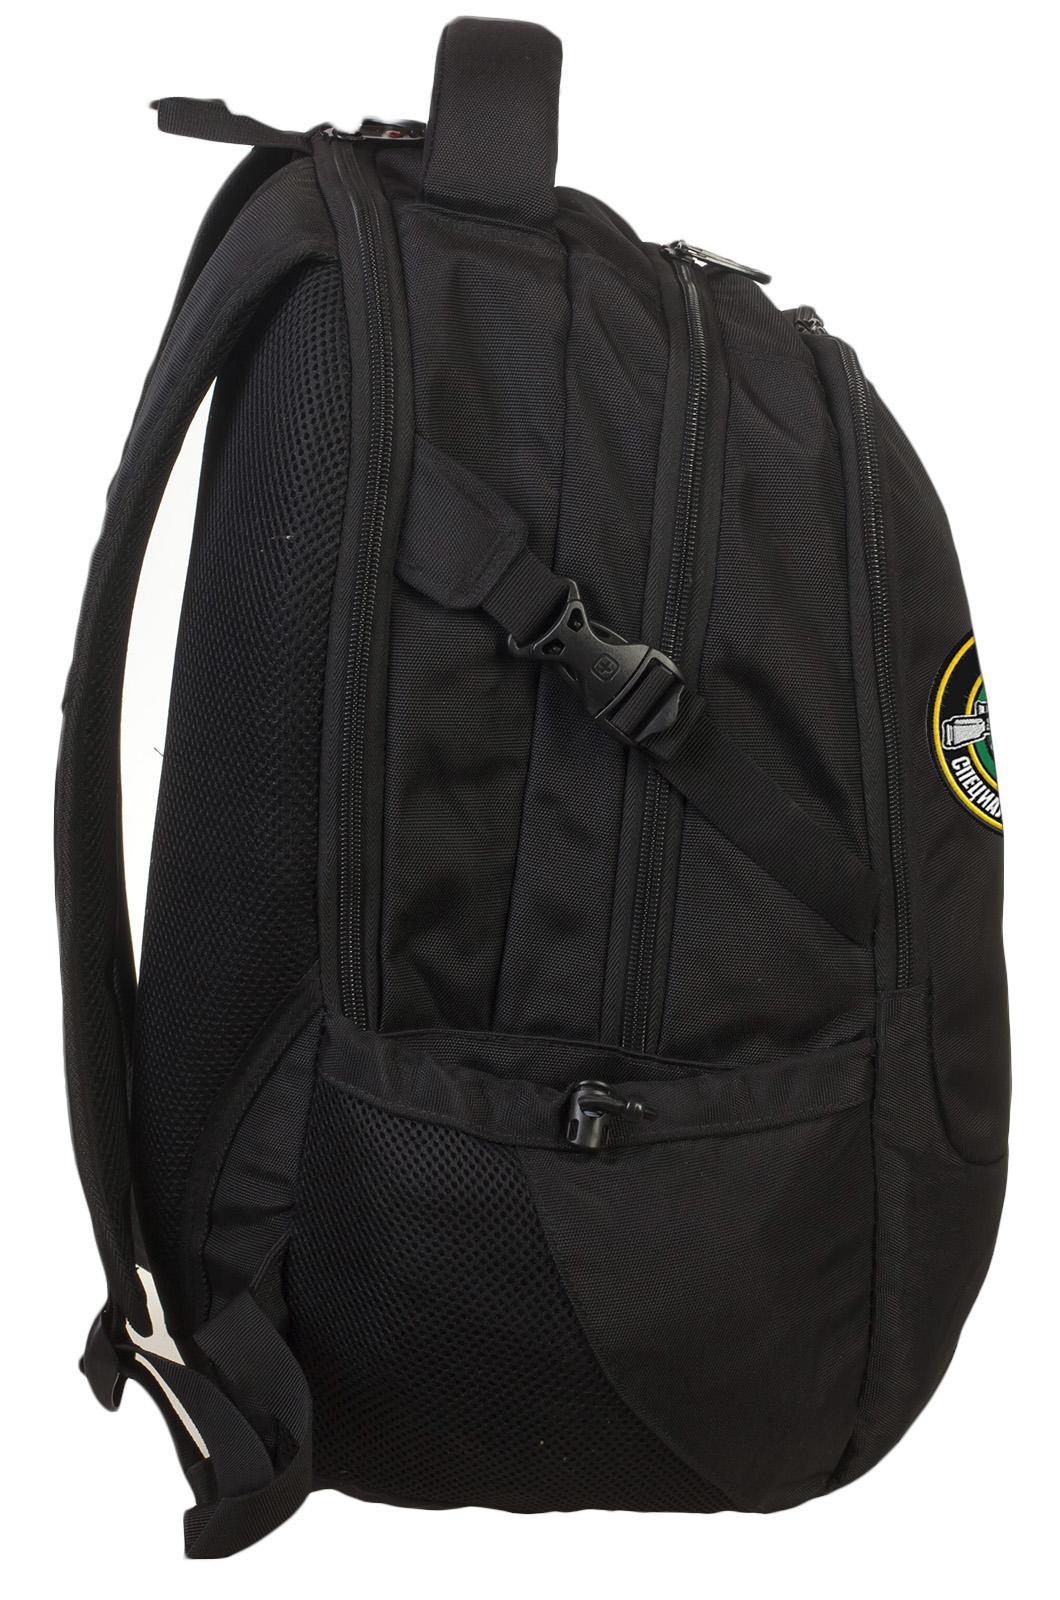 Надежный практичный рюкзак с нашивкой Снайпер - купить онлайн